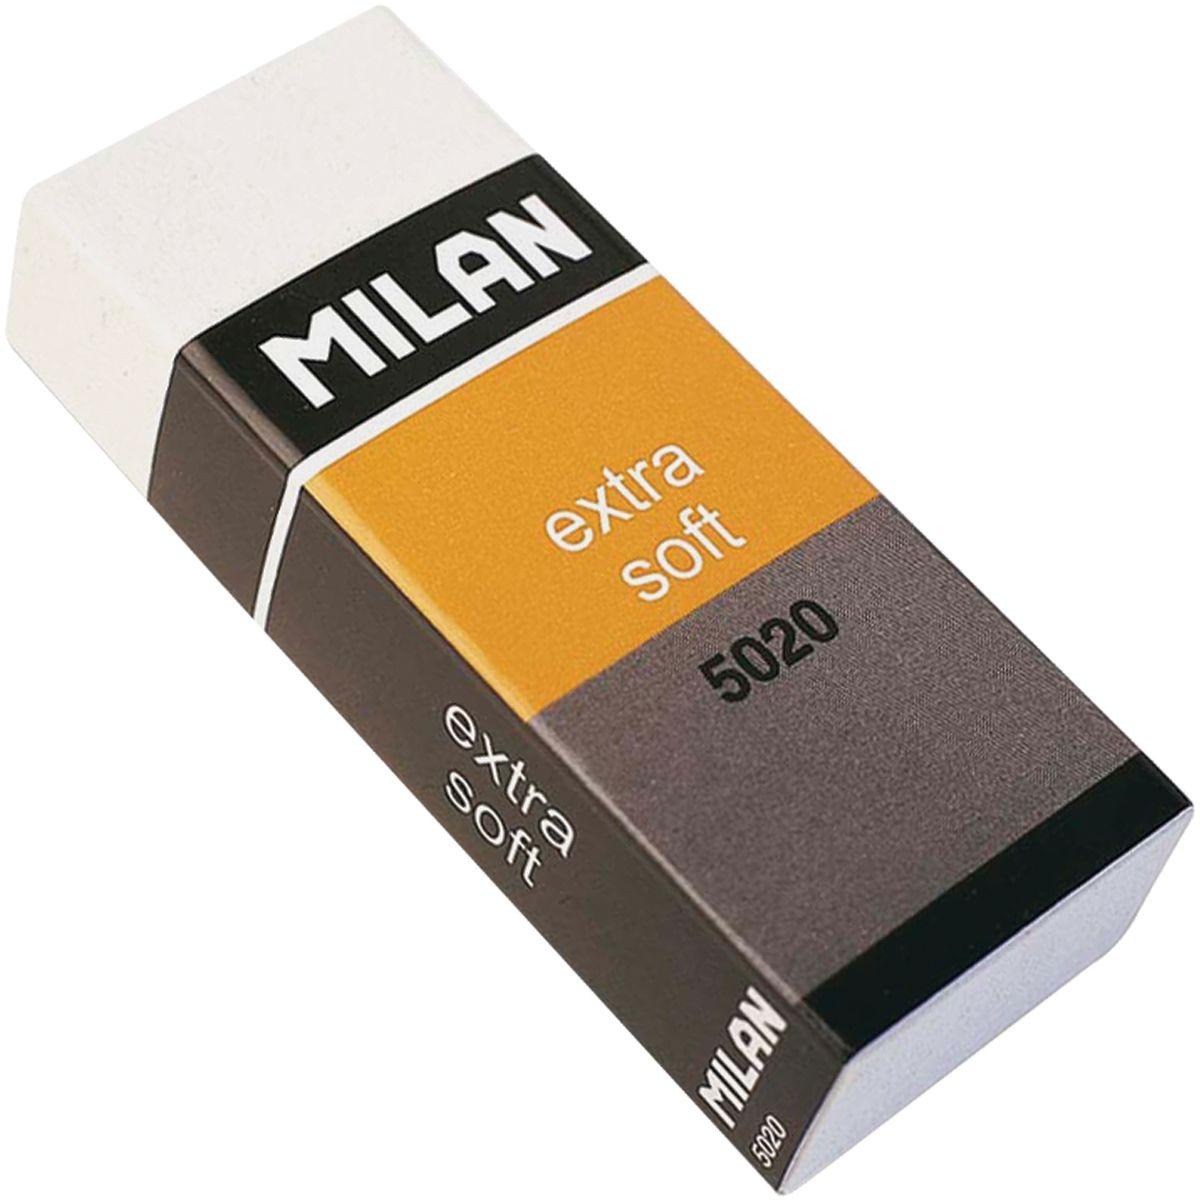 Milan Ластик Extra Soft 5020 прямоугольный72523WDЛастик Milan Extra Soft 5020 - это особо мягкий ластик с великолепными абсорбирующими свойствами. Удобная защитная пленка и бумажный держатель защищают от загрязнения. Рекомендуется для работы с любыми видами мягких художественных карандашей, включая уголь и сангину.